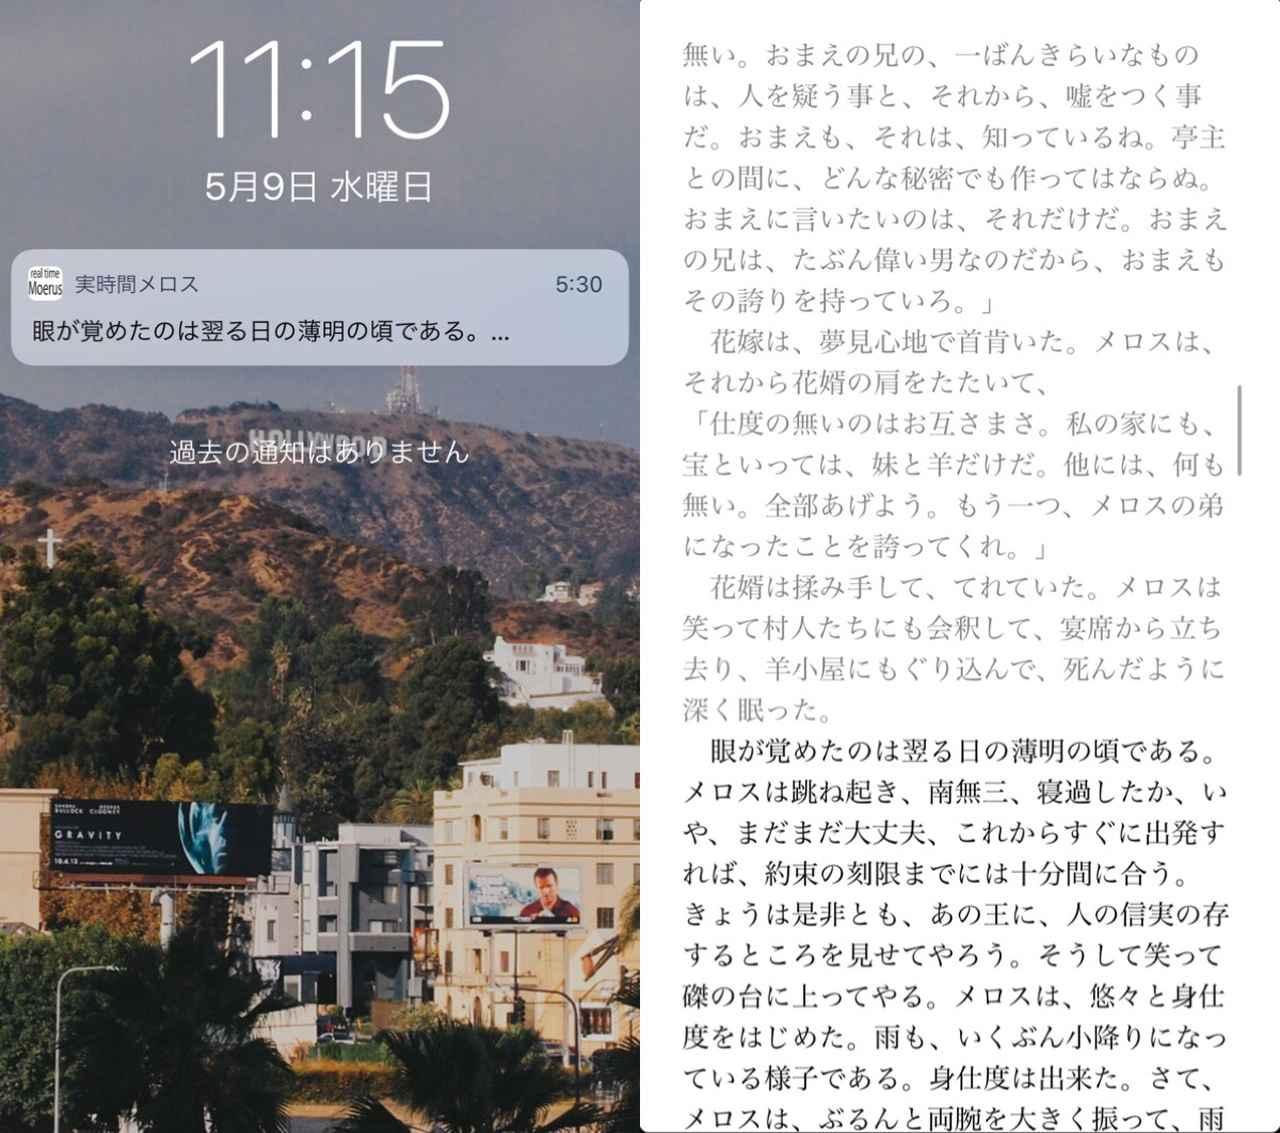 画像4: リアルタイムで通知が来てその先が読めるようになります。